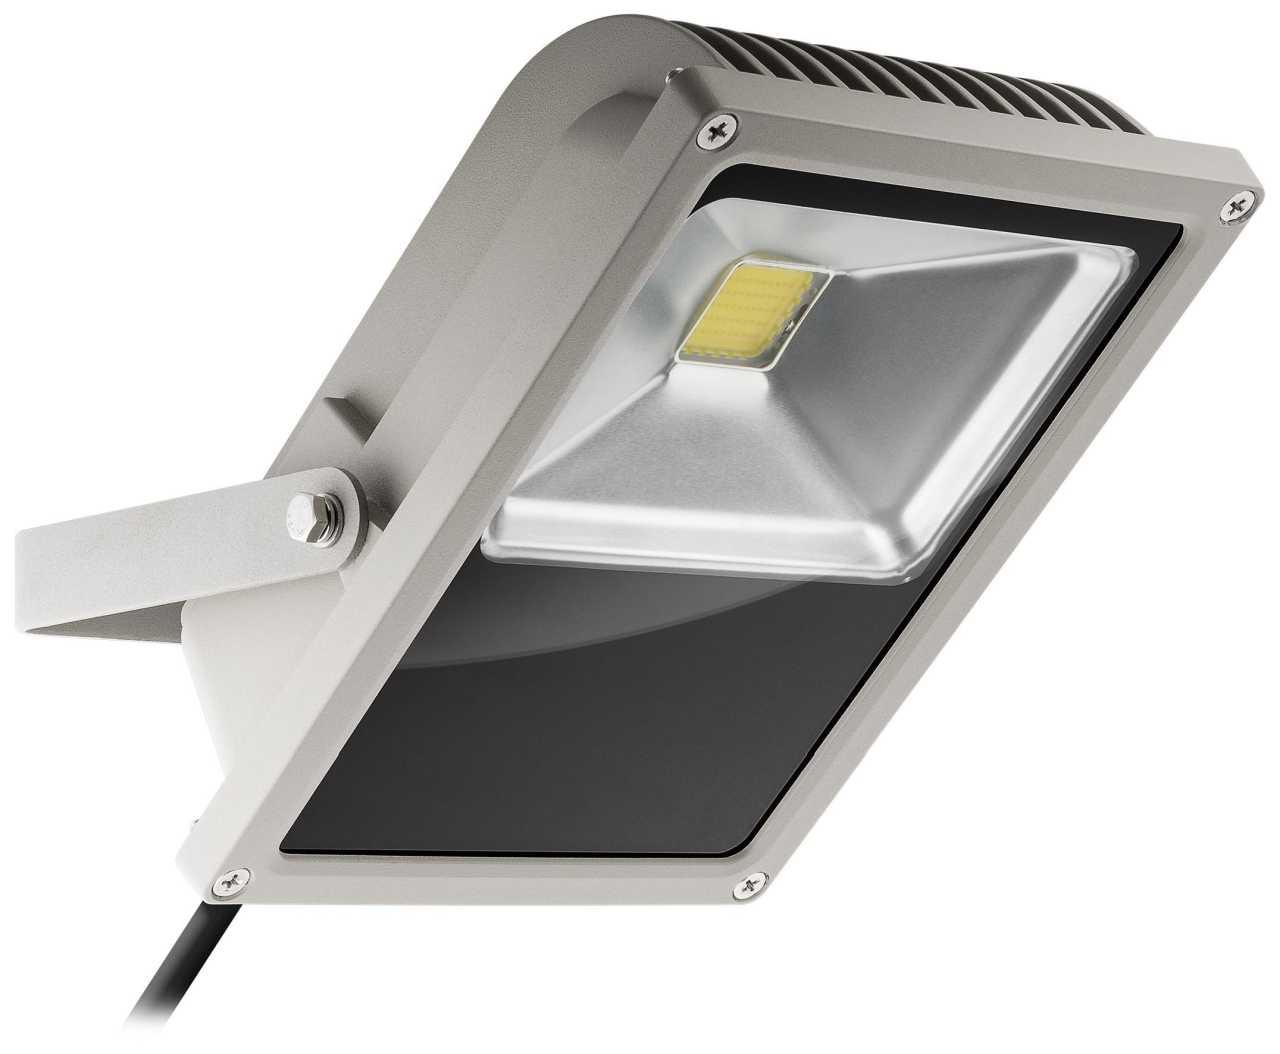 Goobay LED Flutlicht 35W 2700 lm 6000K Kalt-Wei' Leuchte